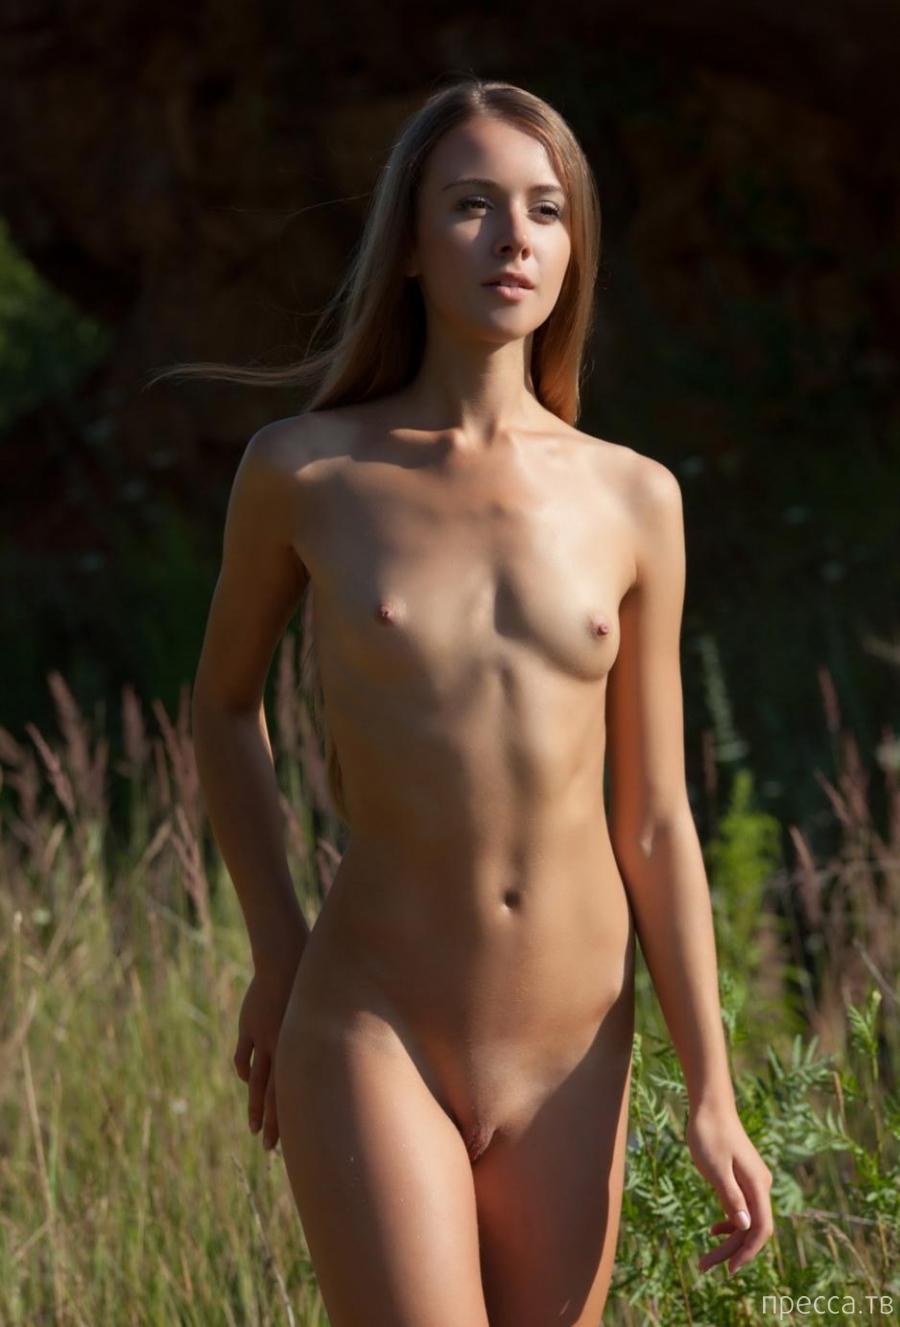 Стройная красавица с маленькими сисями (11 фото)